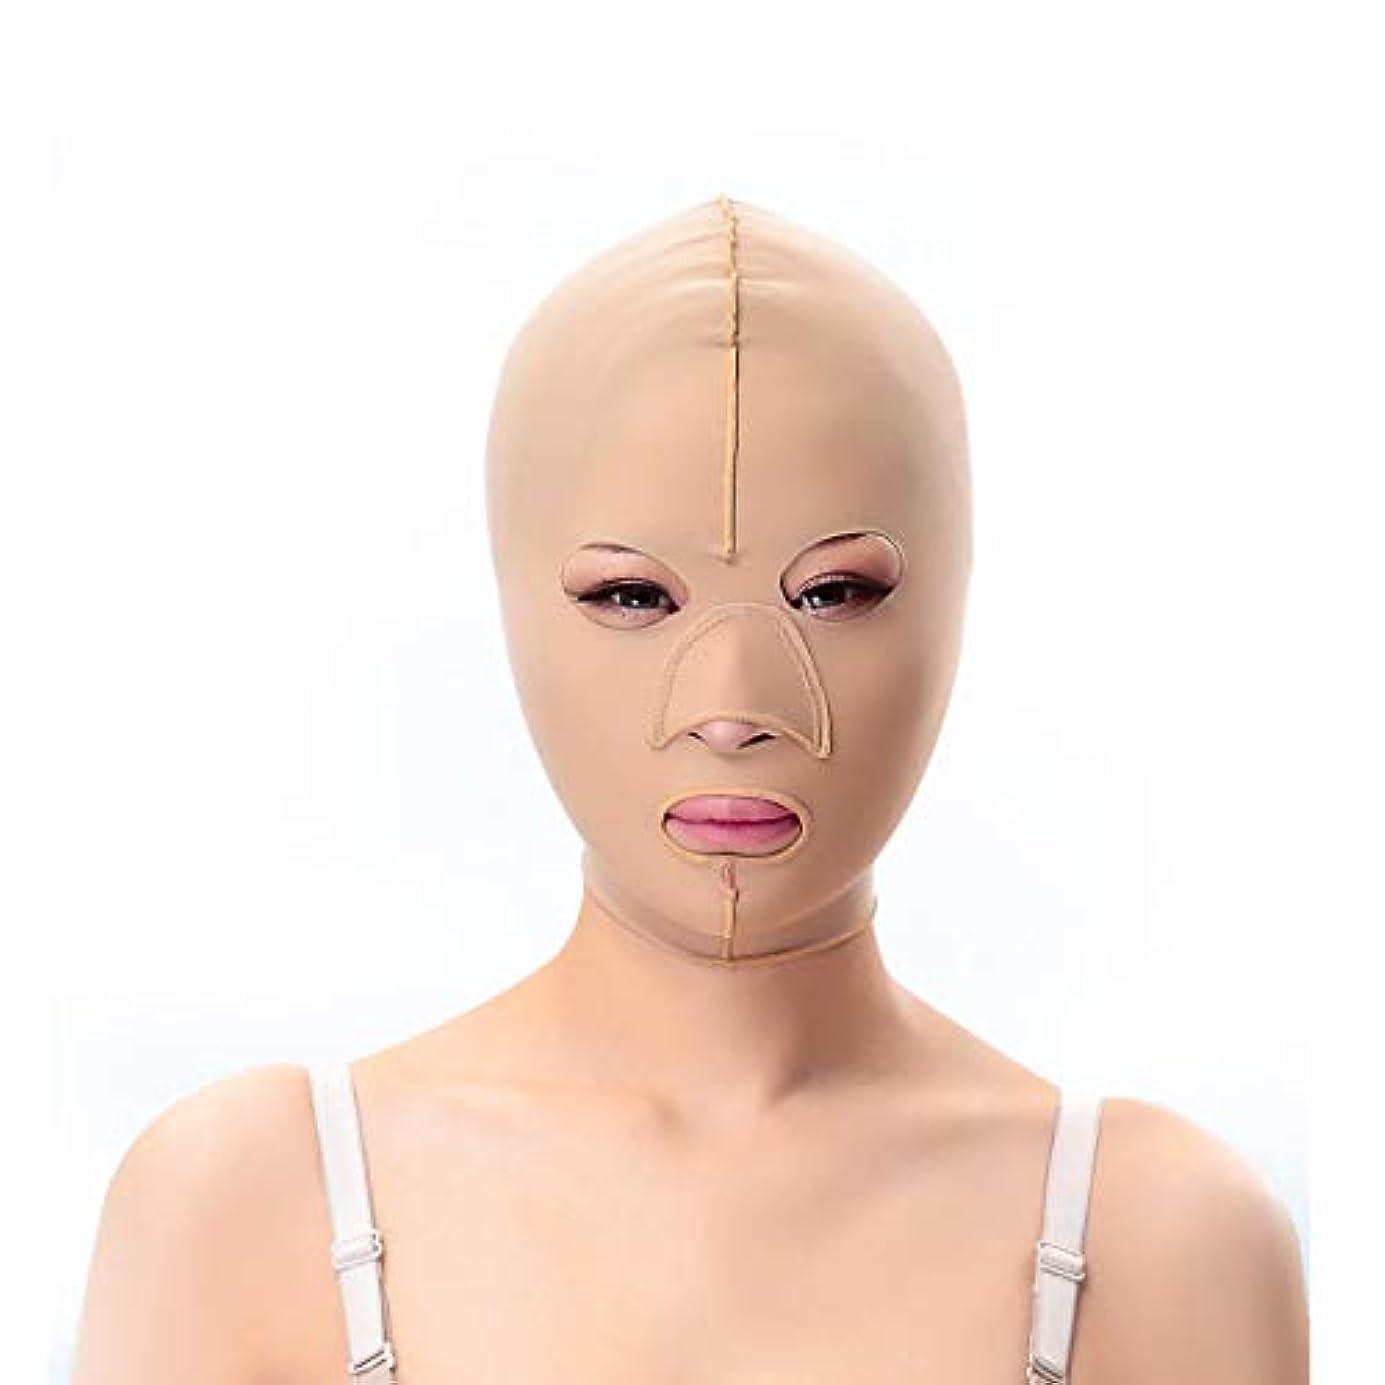 証明グリーンランド器官TLMY 減量ベルトマスクフェイスマスク神聖なパターンリフト二重あご引き締め顔面プラスチック顔面アーティファクト強力な顔面包帯 顔用整形マスク (Size : S)